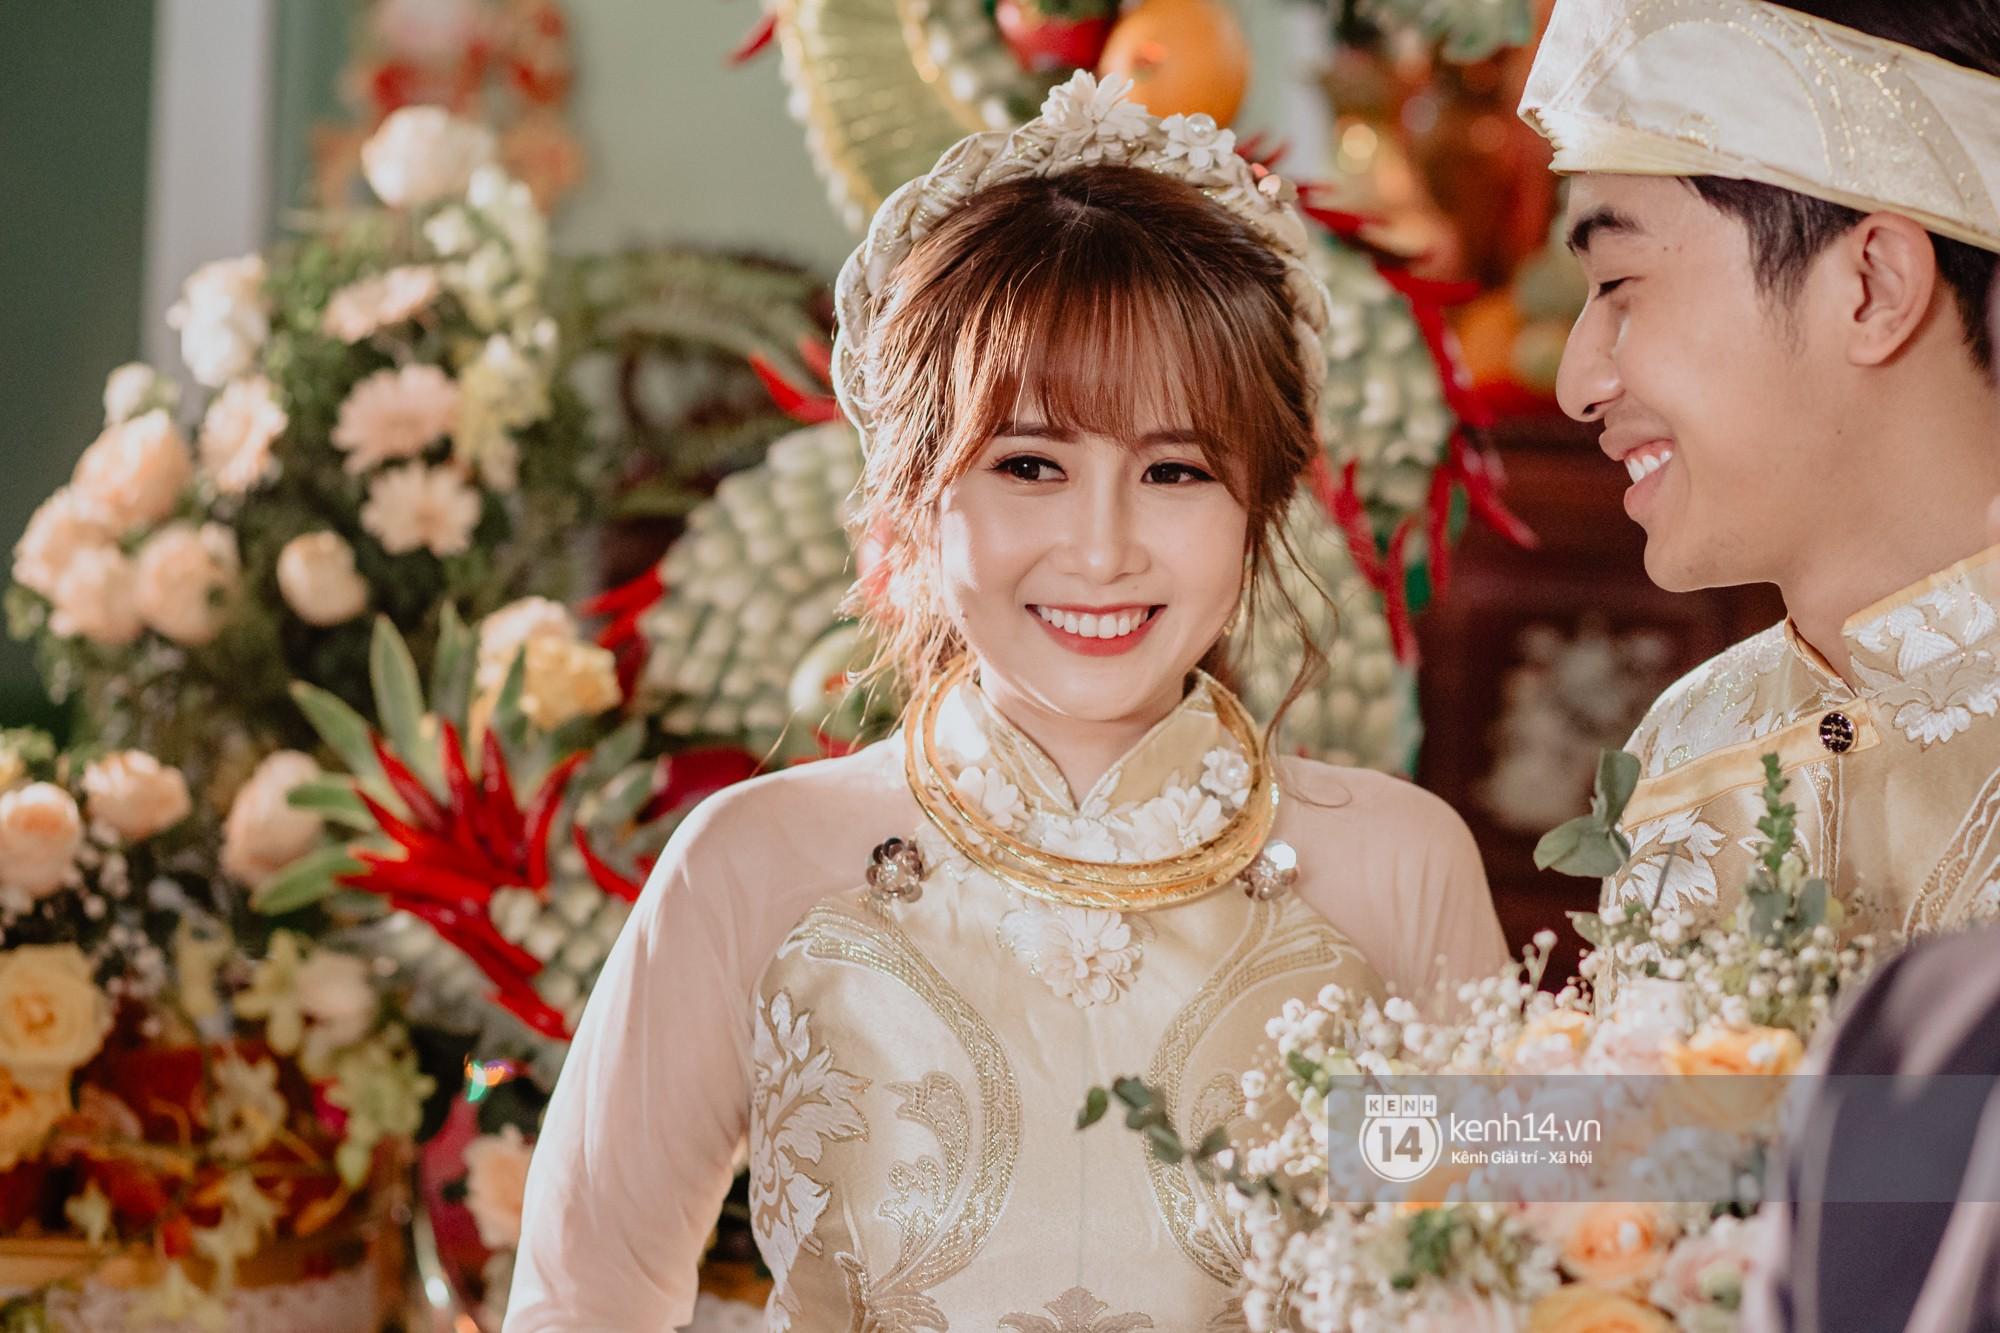 Xem hết một lượt những khoảnh khắc đẹp lịm tim của Cris Phan và Mai Quỳnh Anh: Cái kết đẹp của mối tình Chị ơi, anh yêu em! - Ảnh 2.